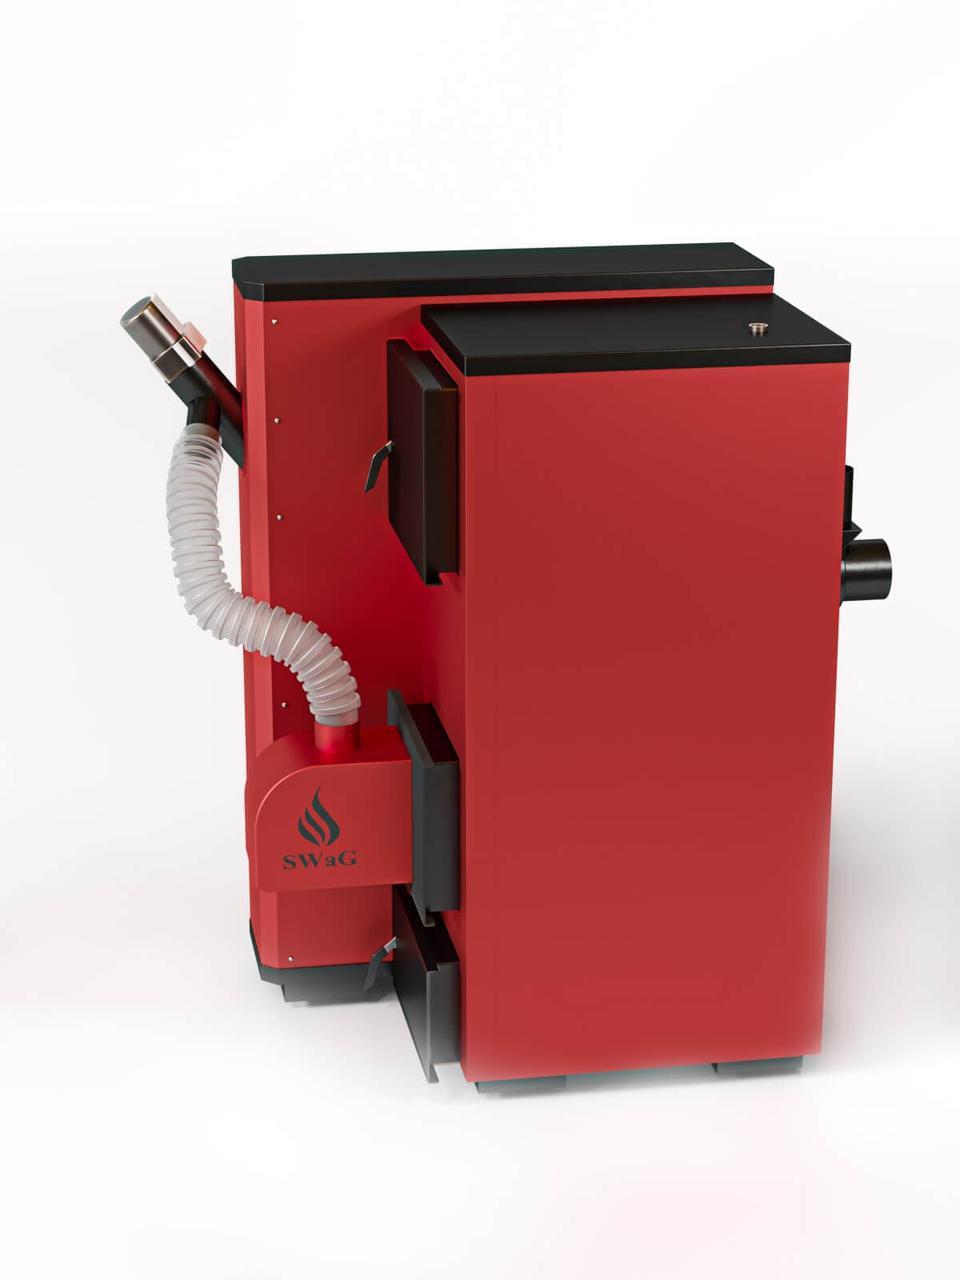 Пеллетный твердотопливный котел SWaG-Pellets 25 кВт